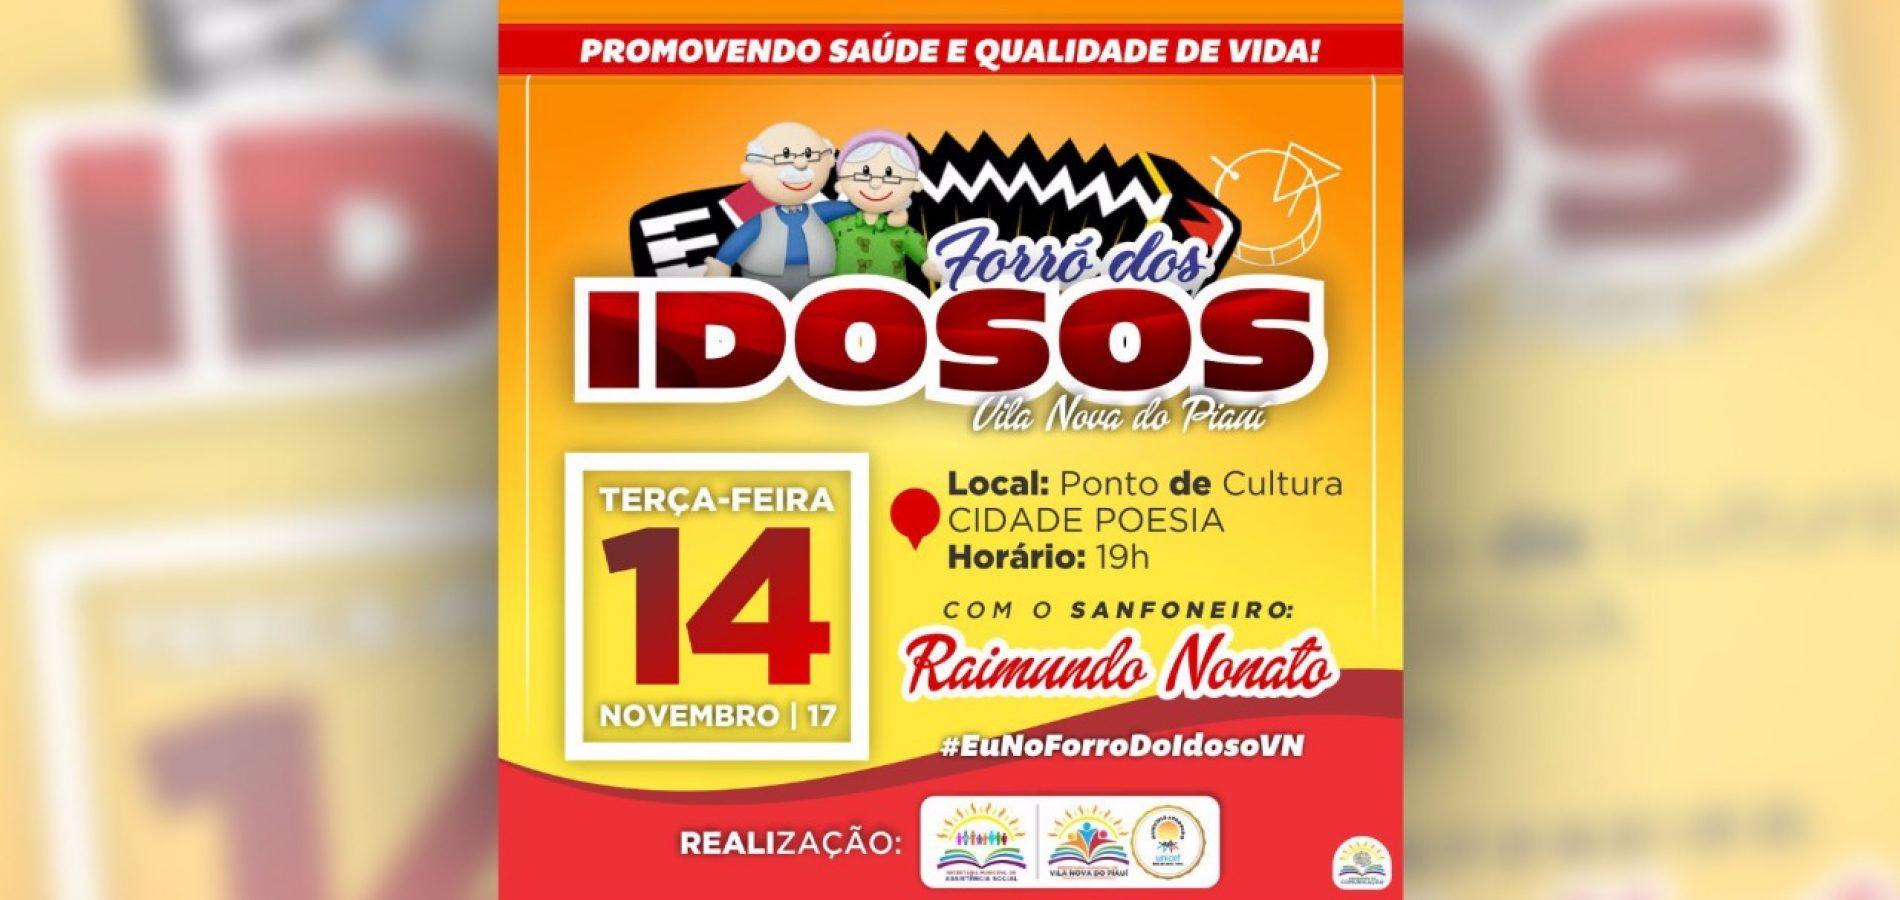 VILA NOVA | Assistência Social anuncia forró dos idosos com o sanfoneiro Raimundo Nonato nesta terça- feira (14)